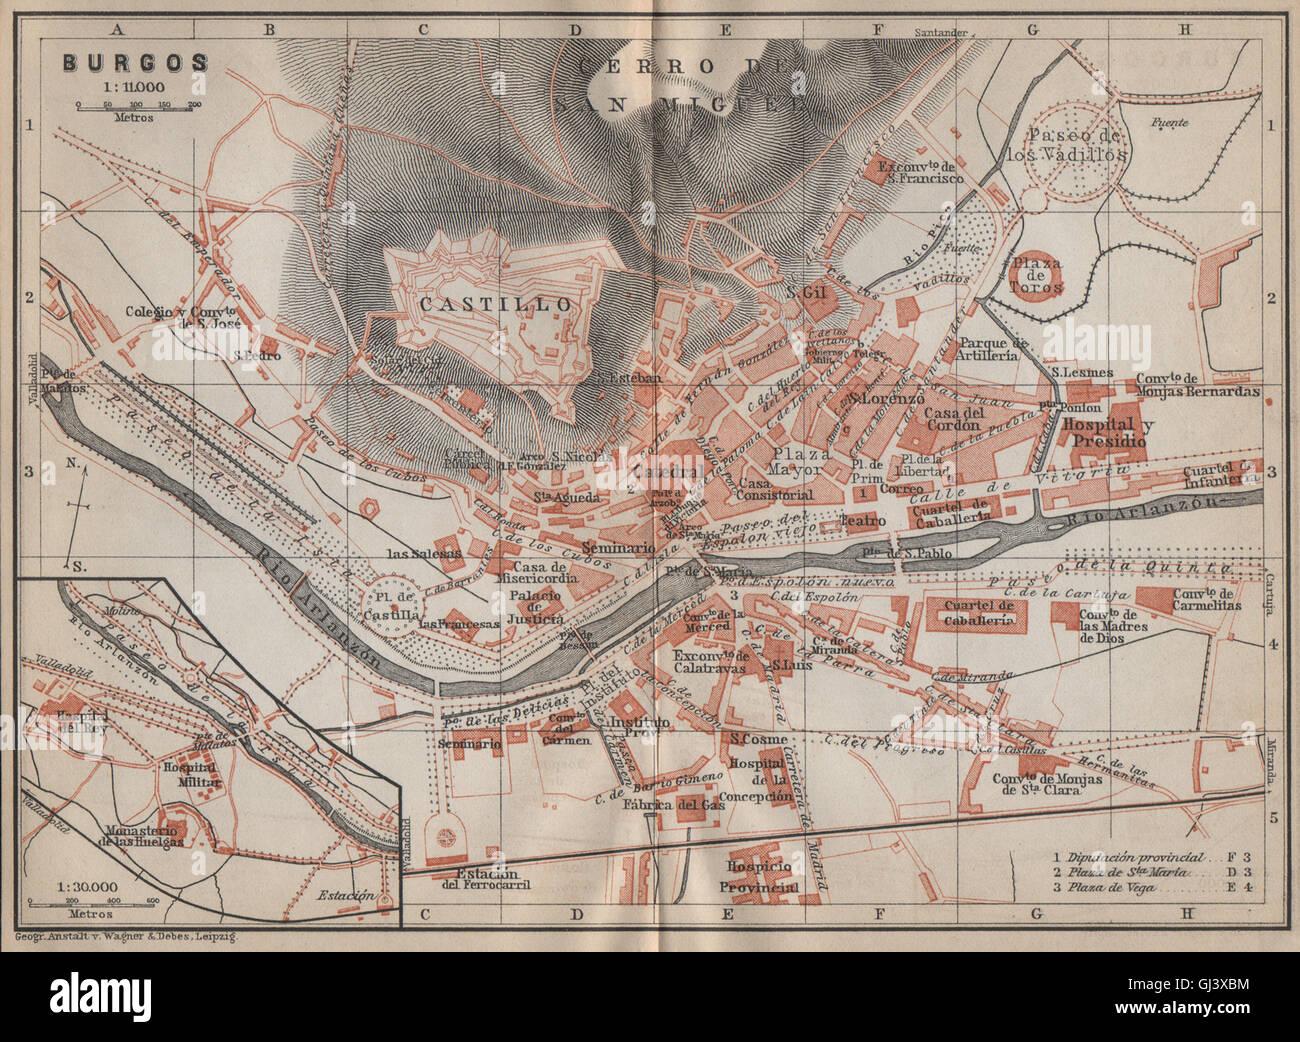 Mapa De Burgos Ciudad.Burgos Antique Town City Ciudad Plan Spain Espana Mapa